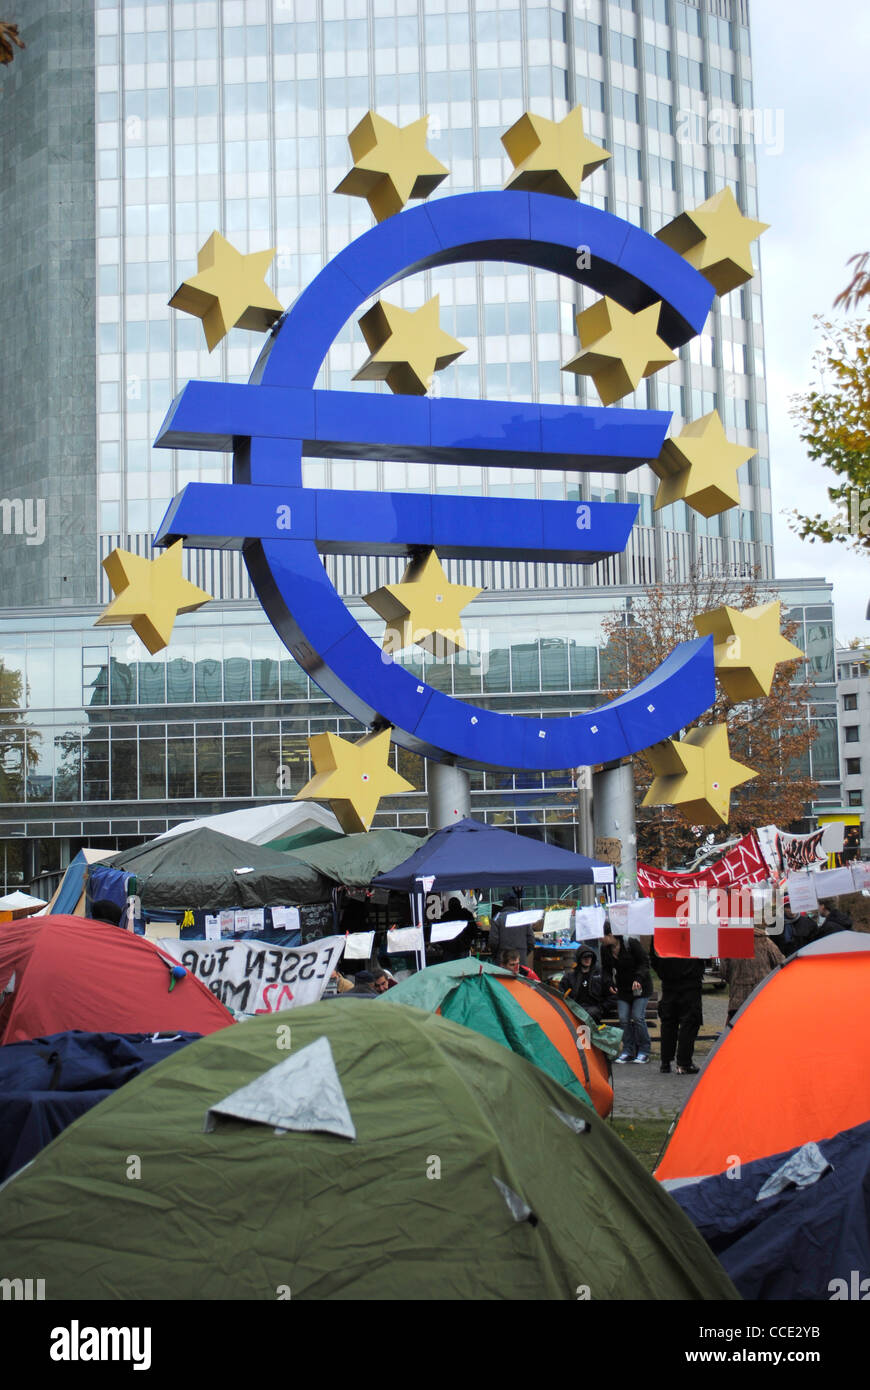 Ocupar Frankfurt camp fuera del Banco Central Europeo, Alemania Imagen De Stock